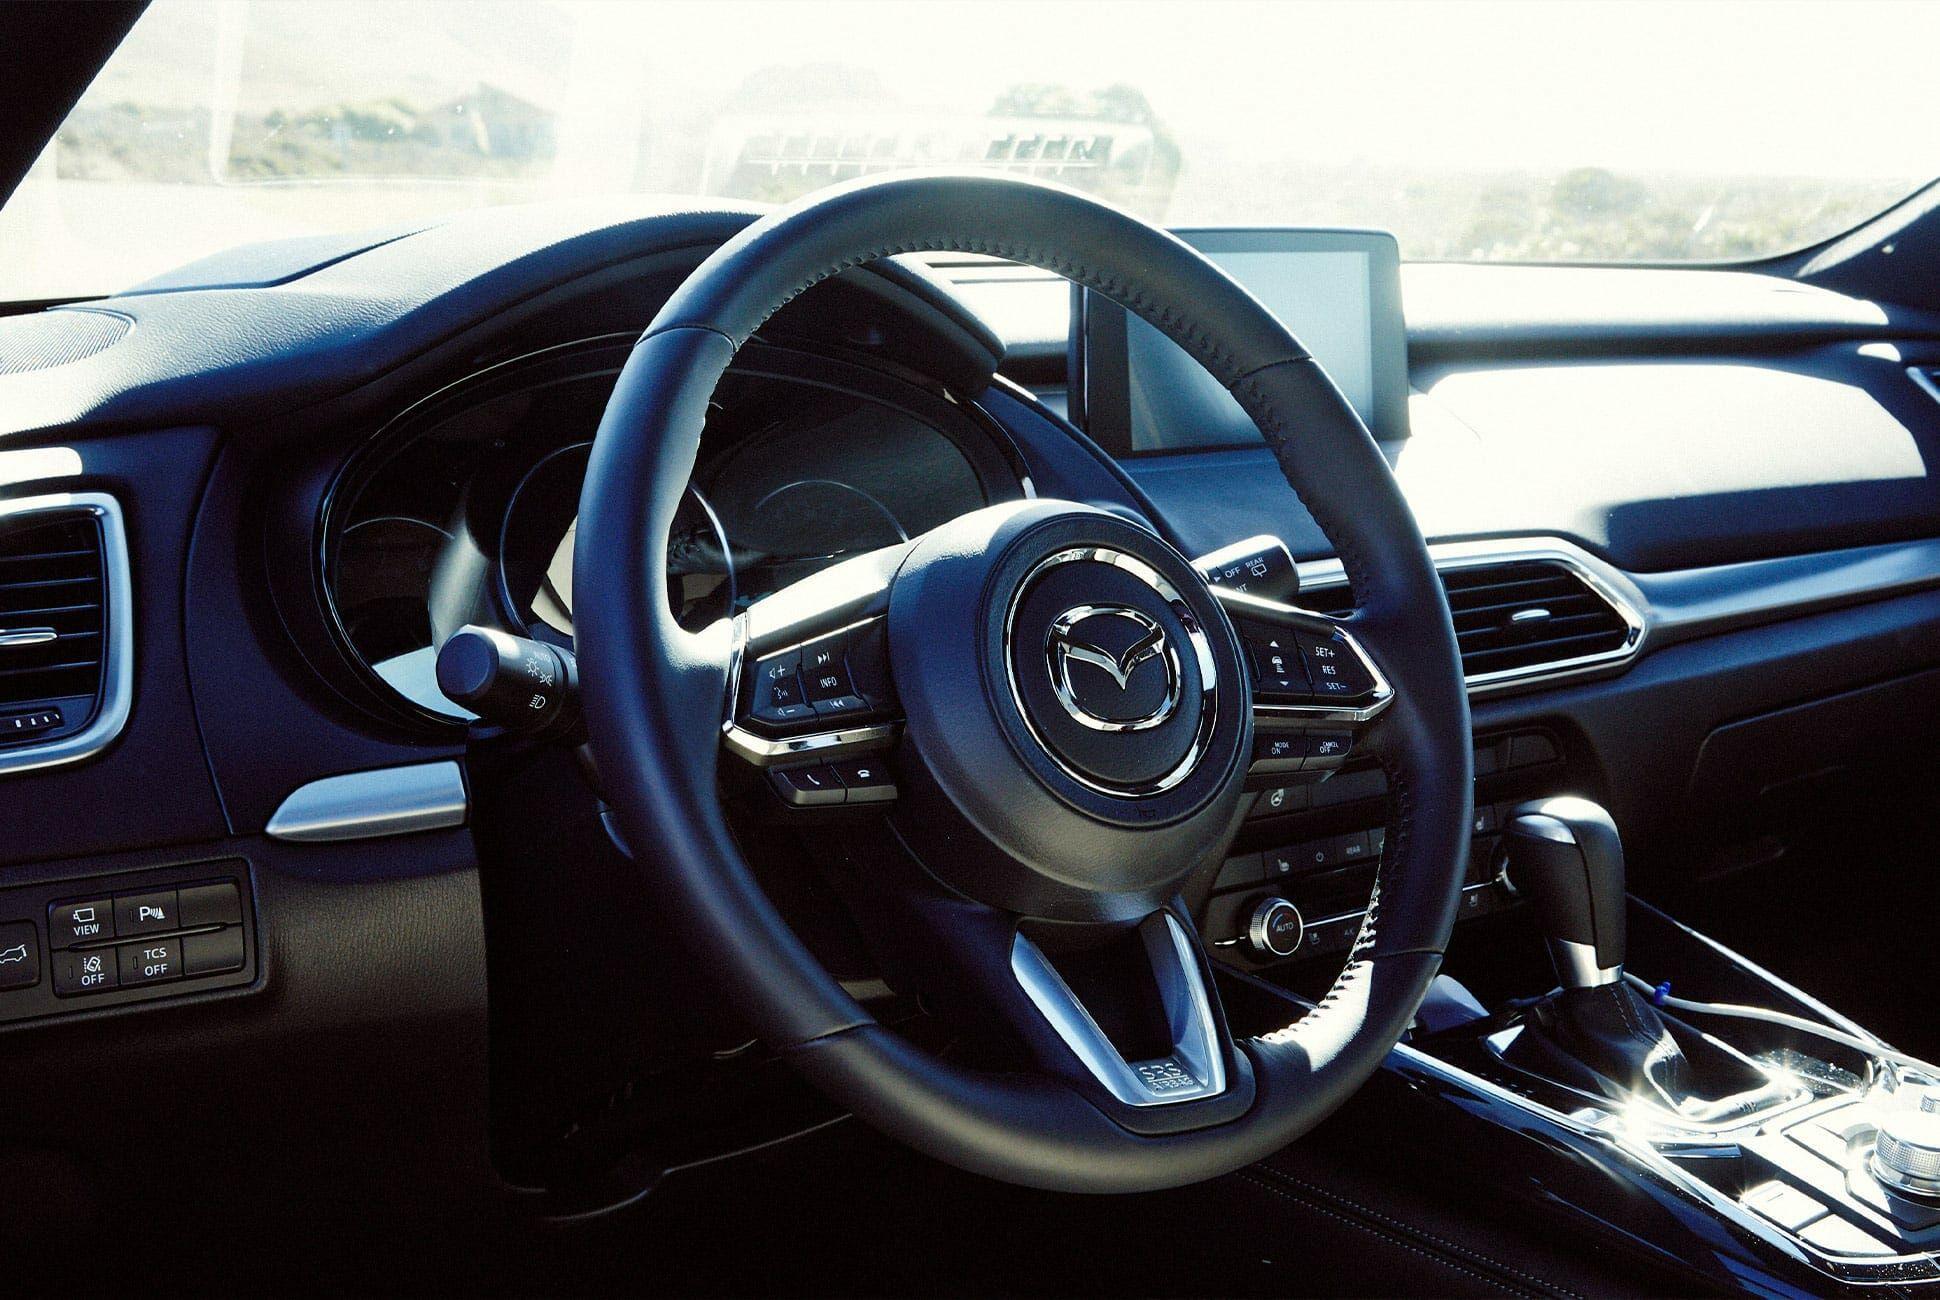 Mazda-CX9-Review-Gear-Patrol-slide-5